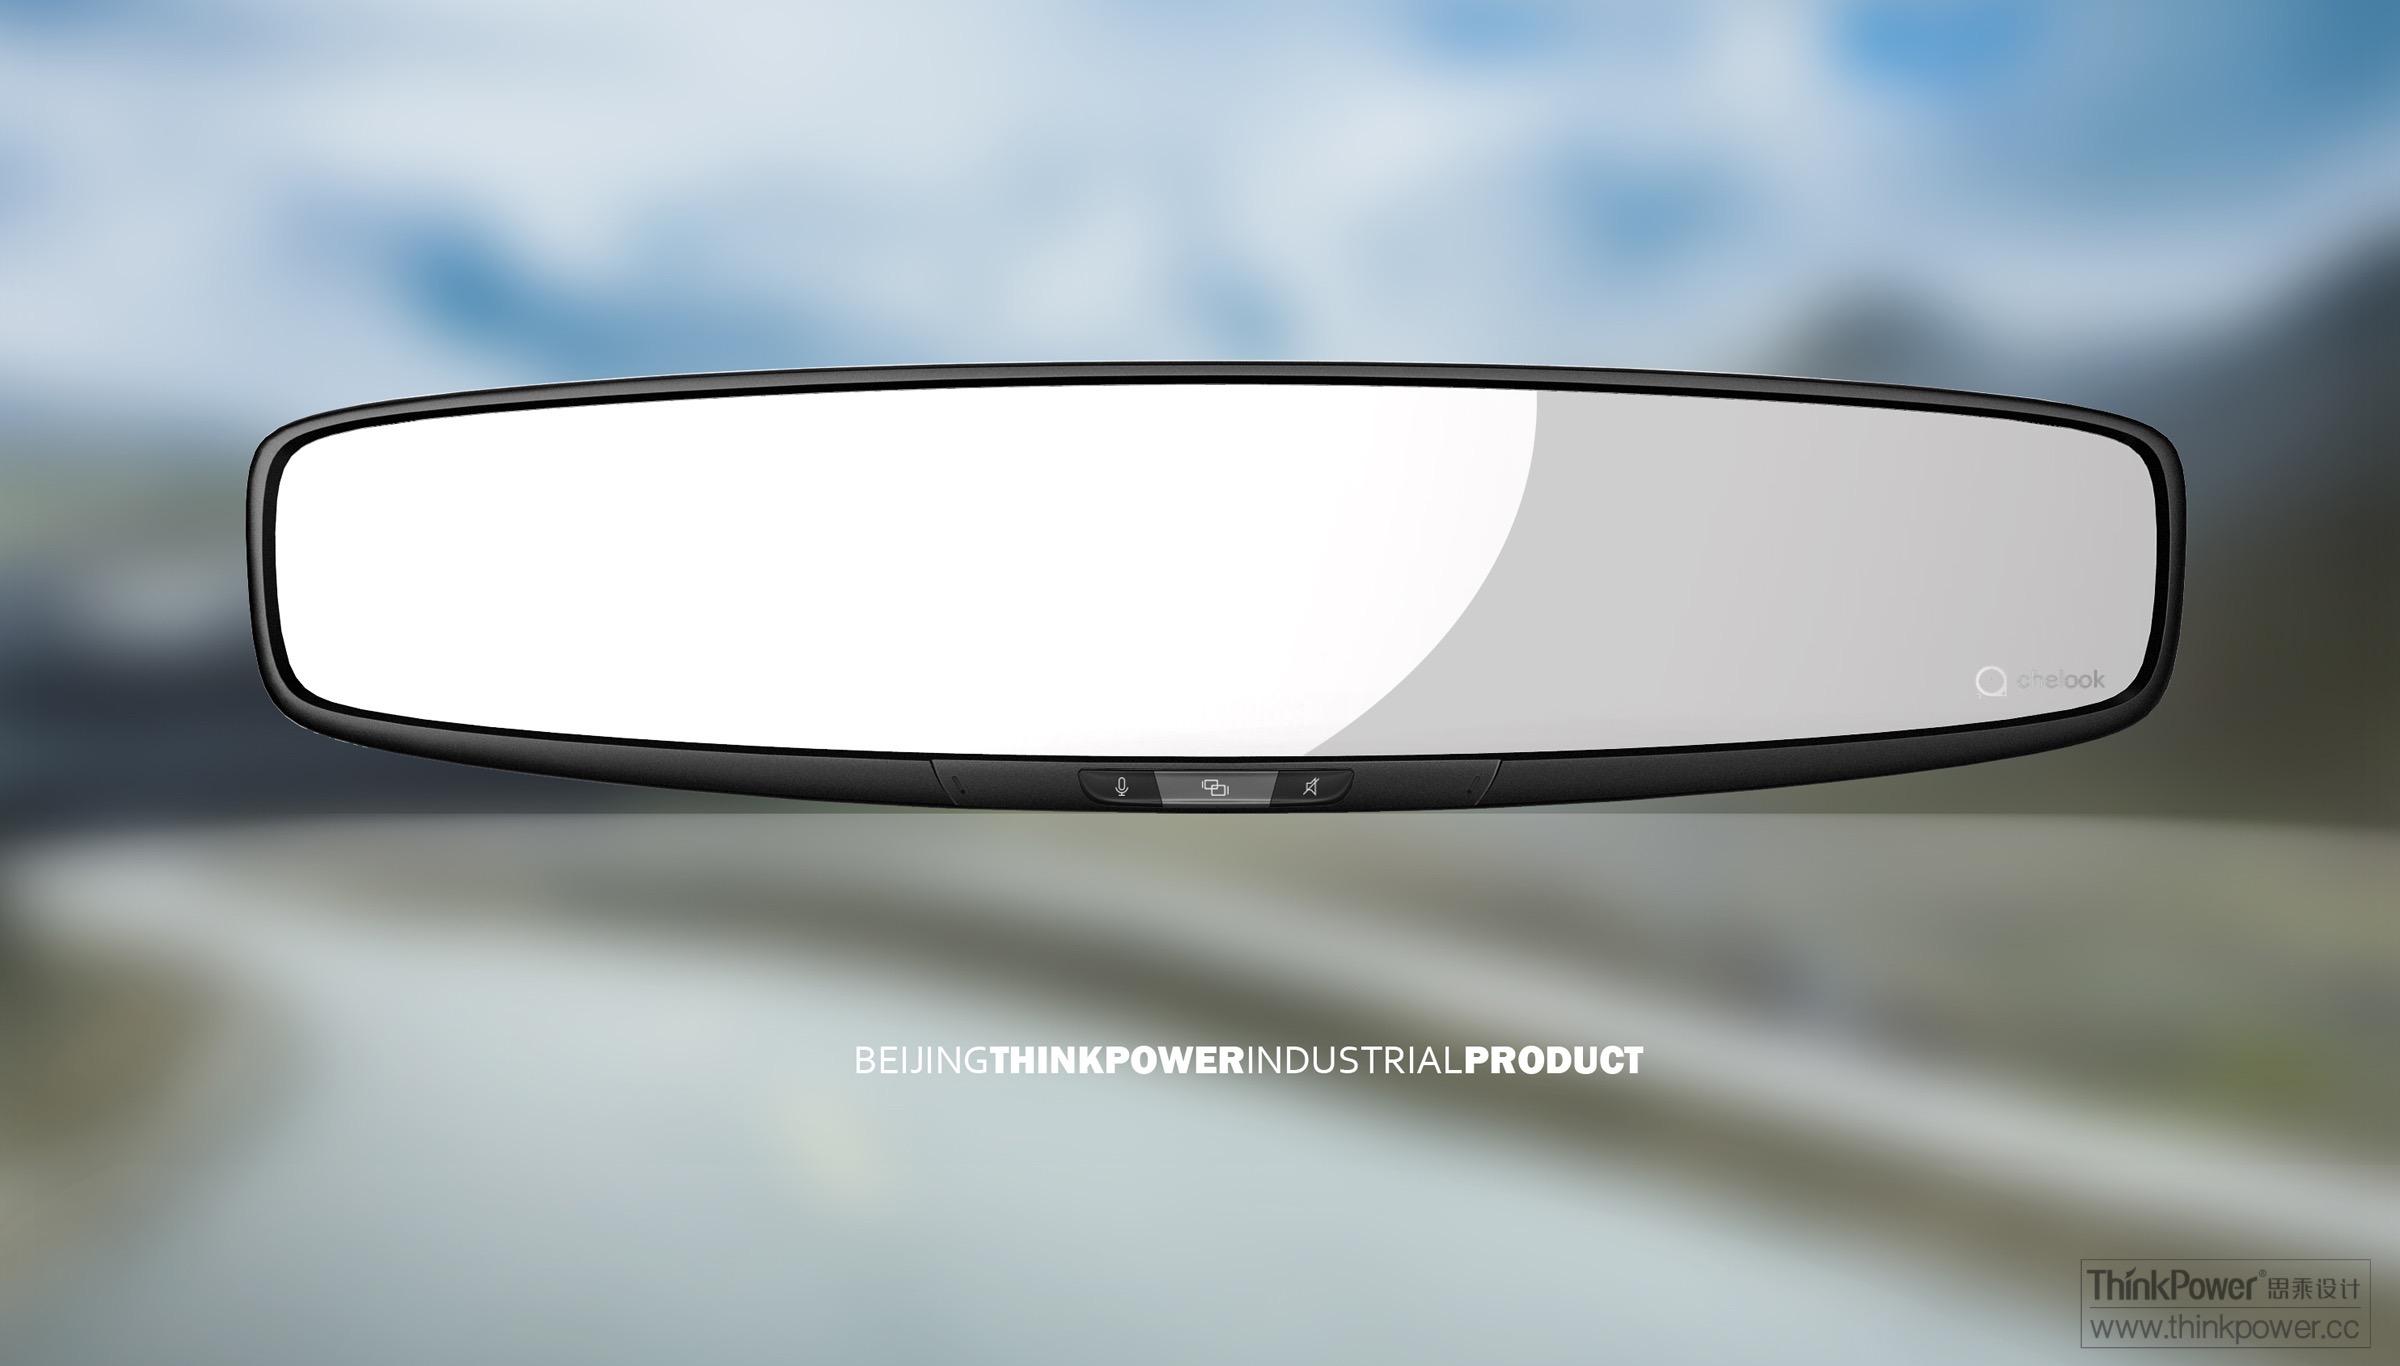 汽车导航后视镜 - 智能硬件 - 北京思乘创新工业设计